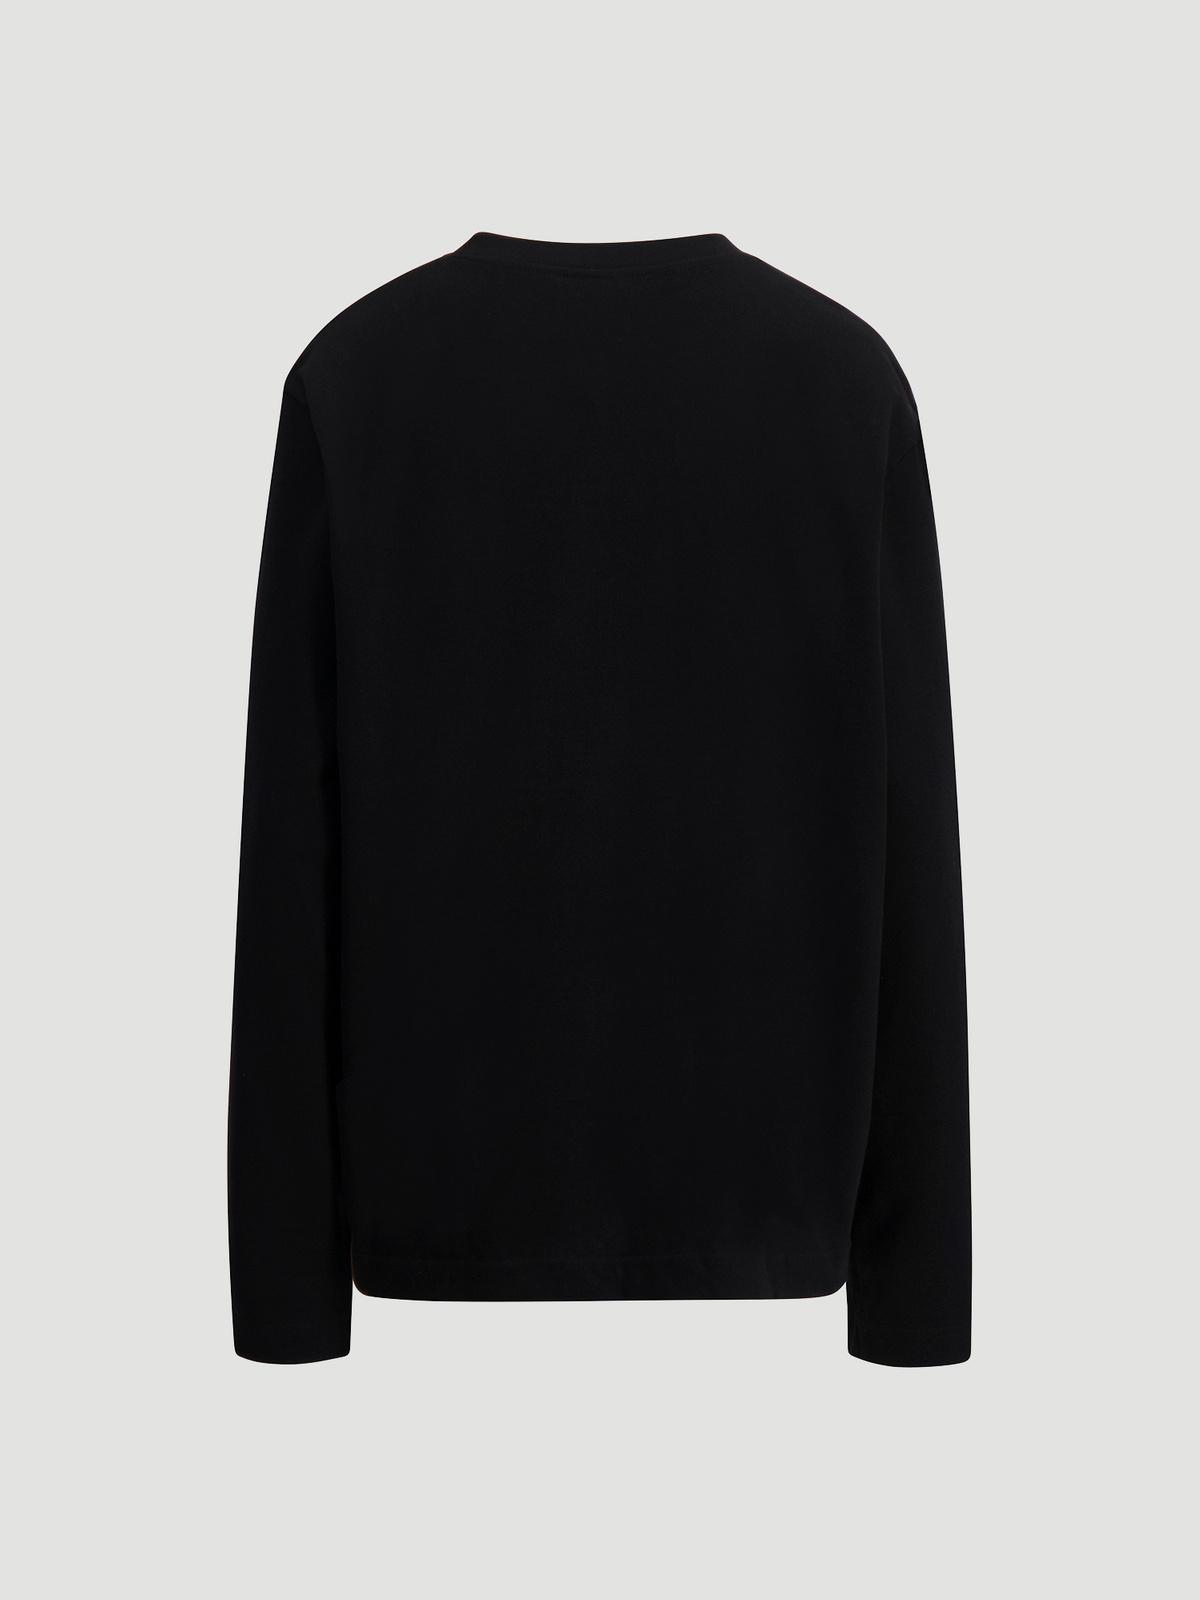 Hanger Longsleeve Black 2